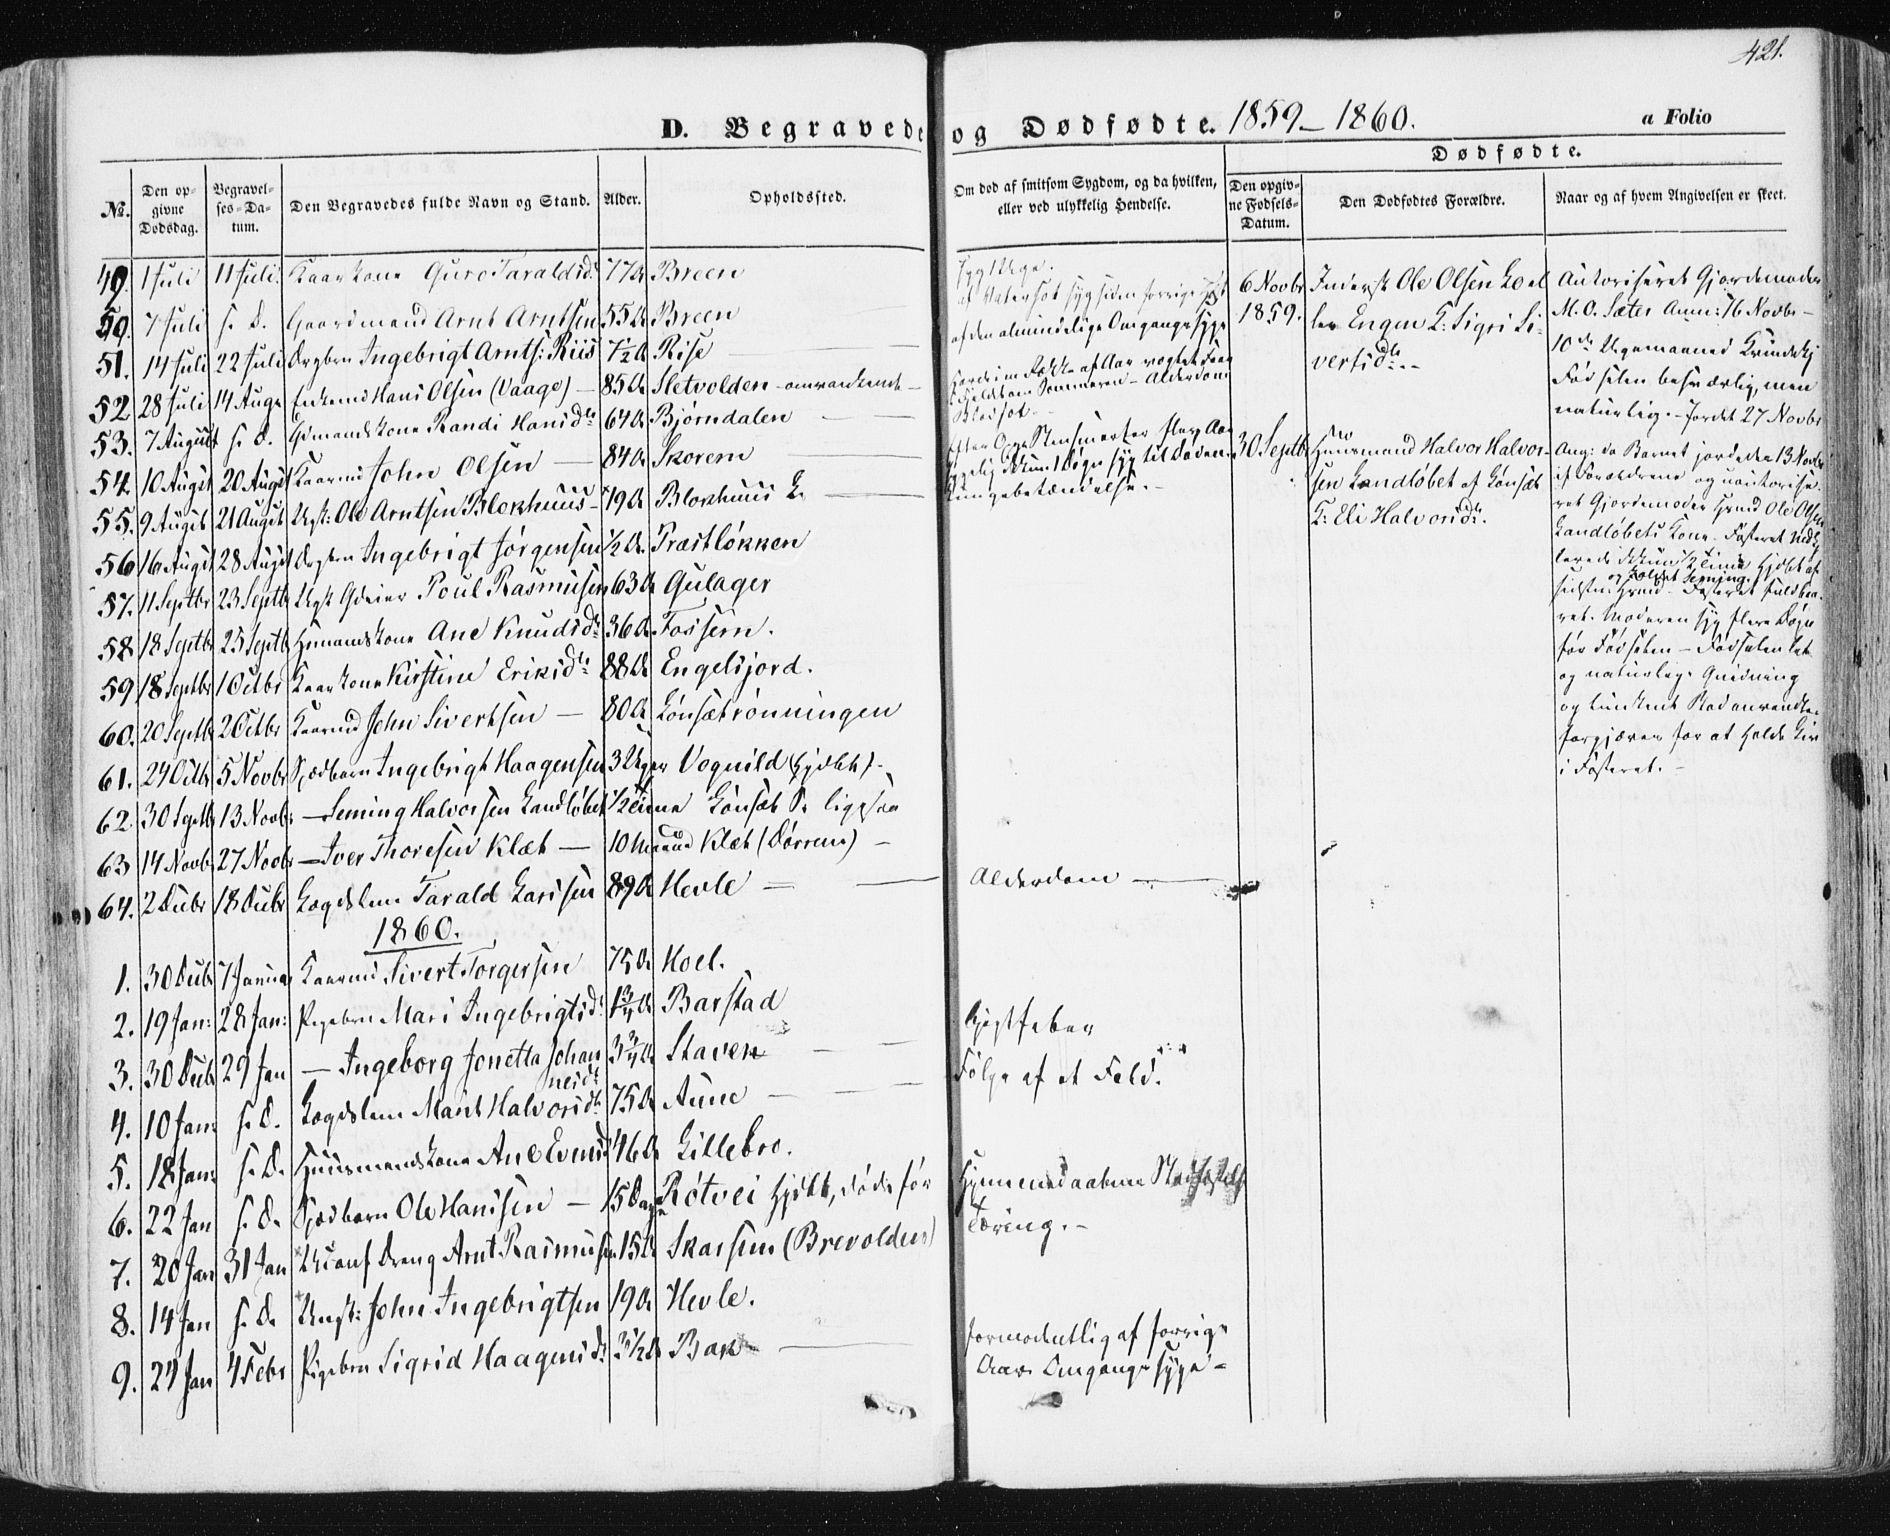 SAT, Ministerialprotokoller, klokkerbøker og fødselsregistre - Sør-Trøndelag, 678/L0899: Ministerialbok nr. 678A08, 1848-1872, s. 421